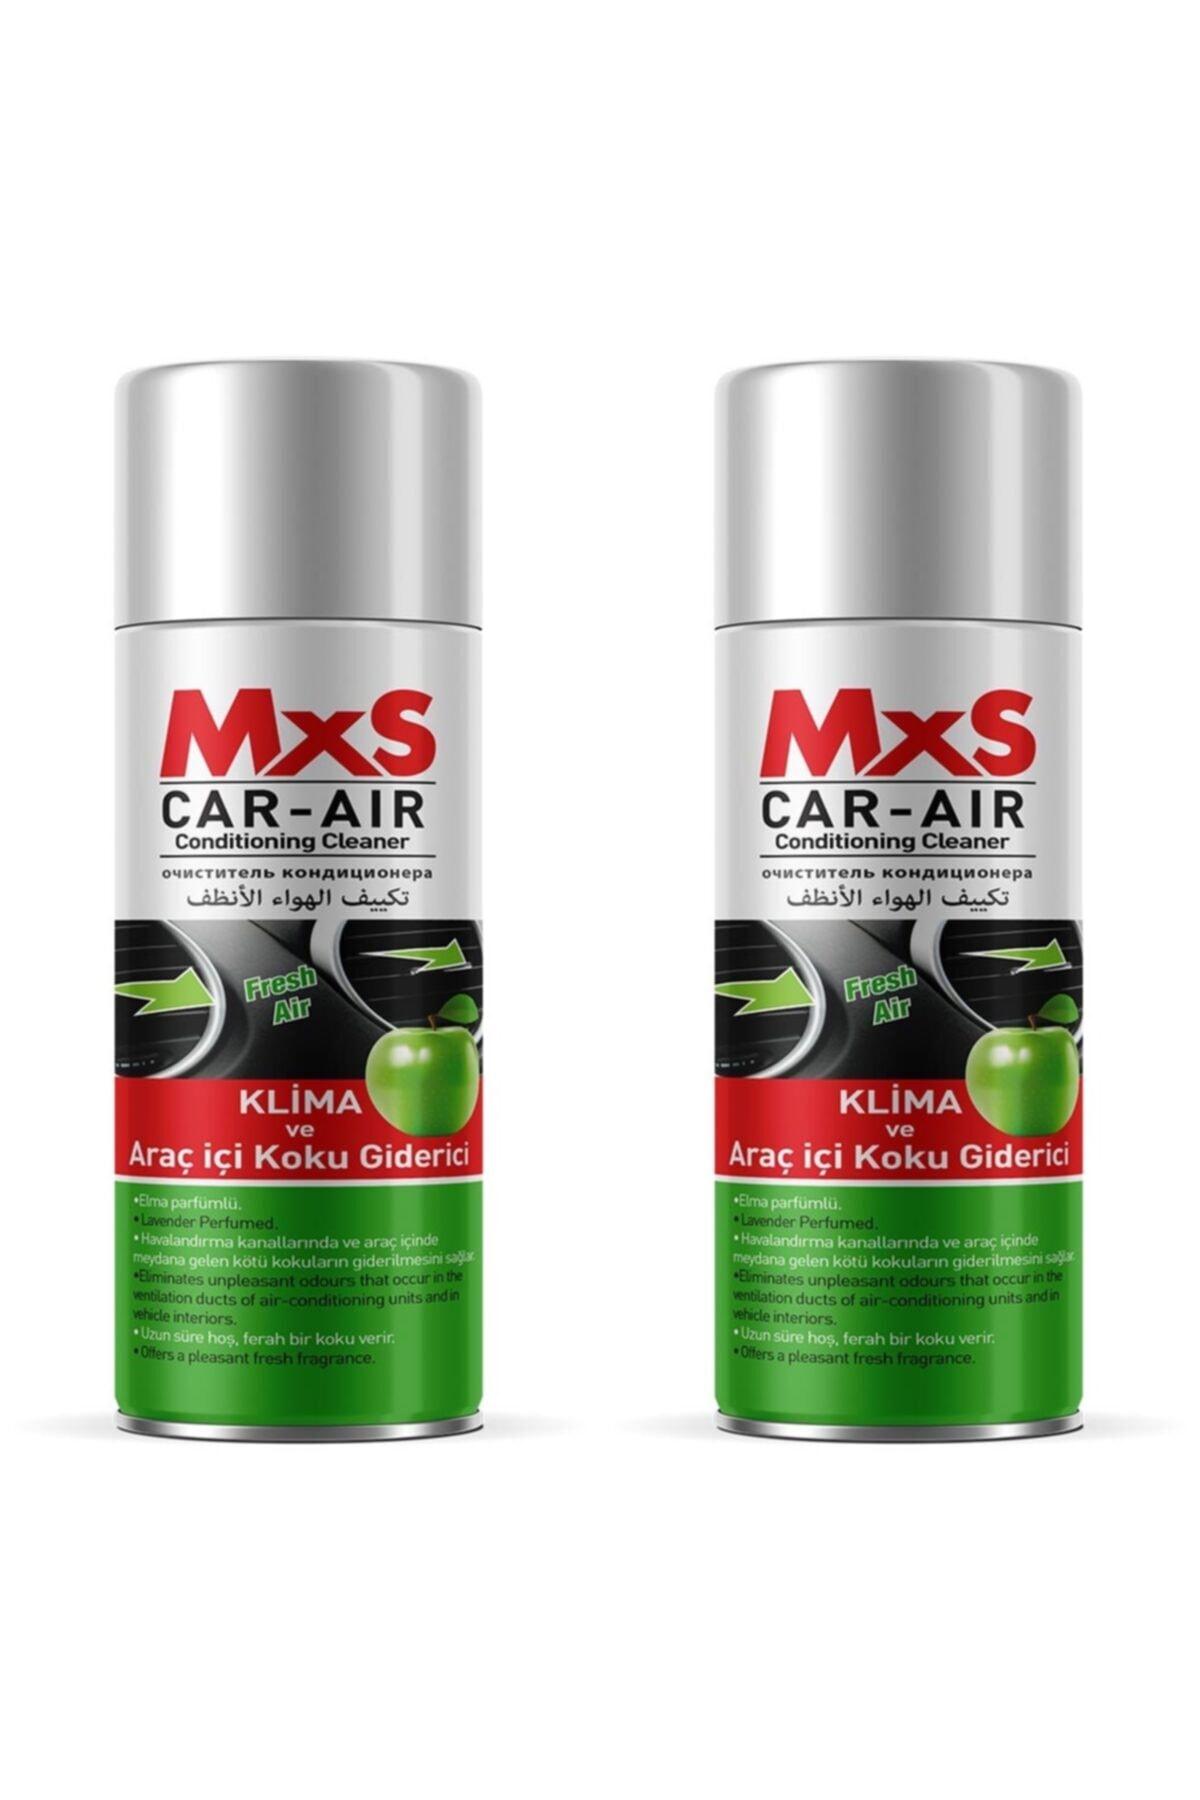 MxS Fresh Koku Bomba Araç Içi Ve Klima Koku Giderici Elma Kokulu 200 ml - 2 Adet 1